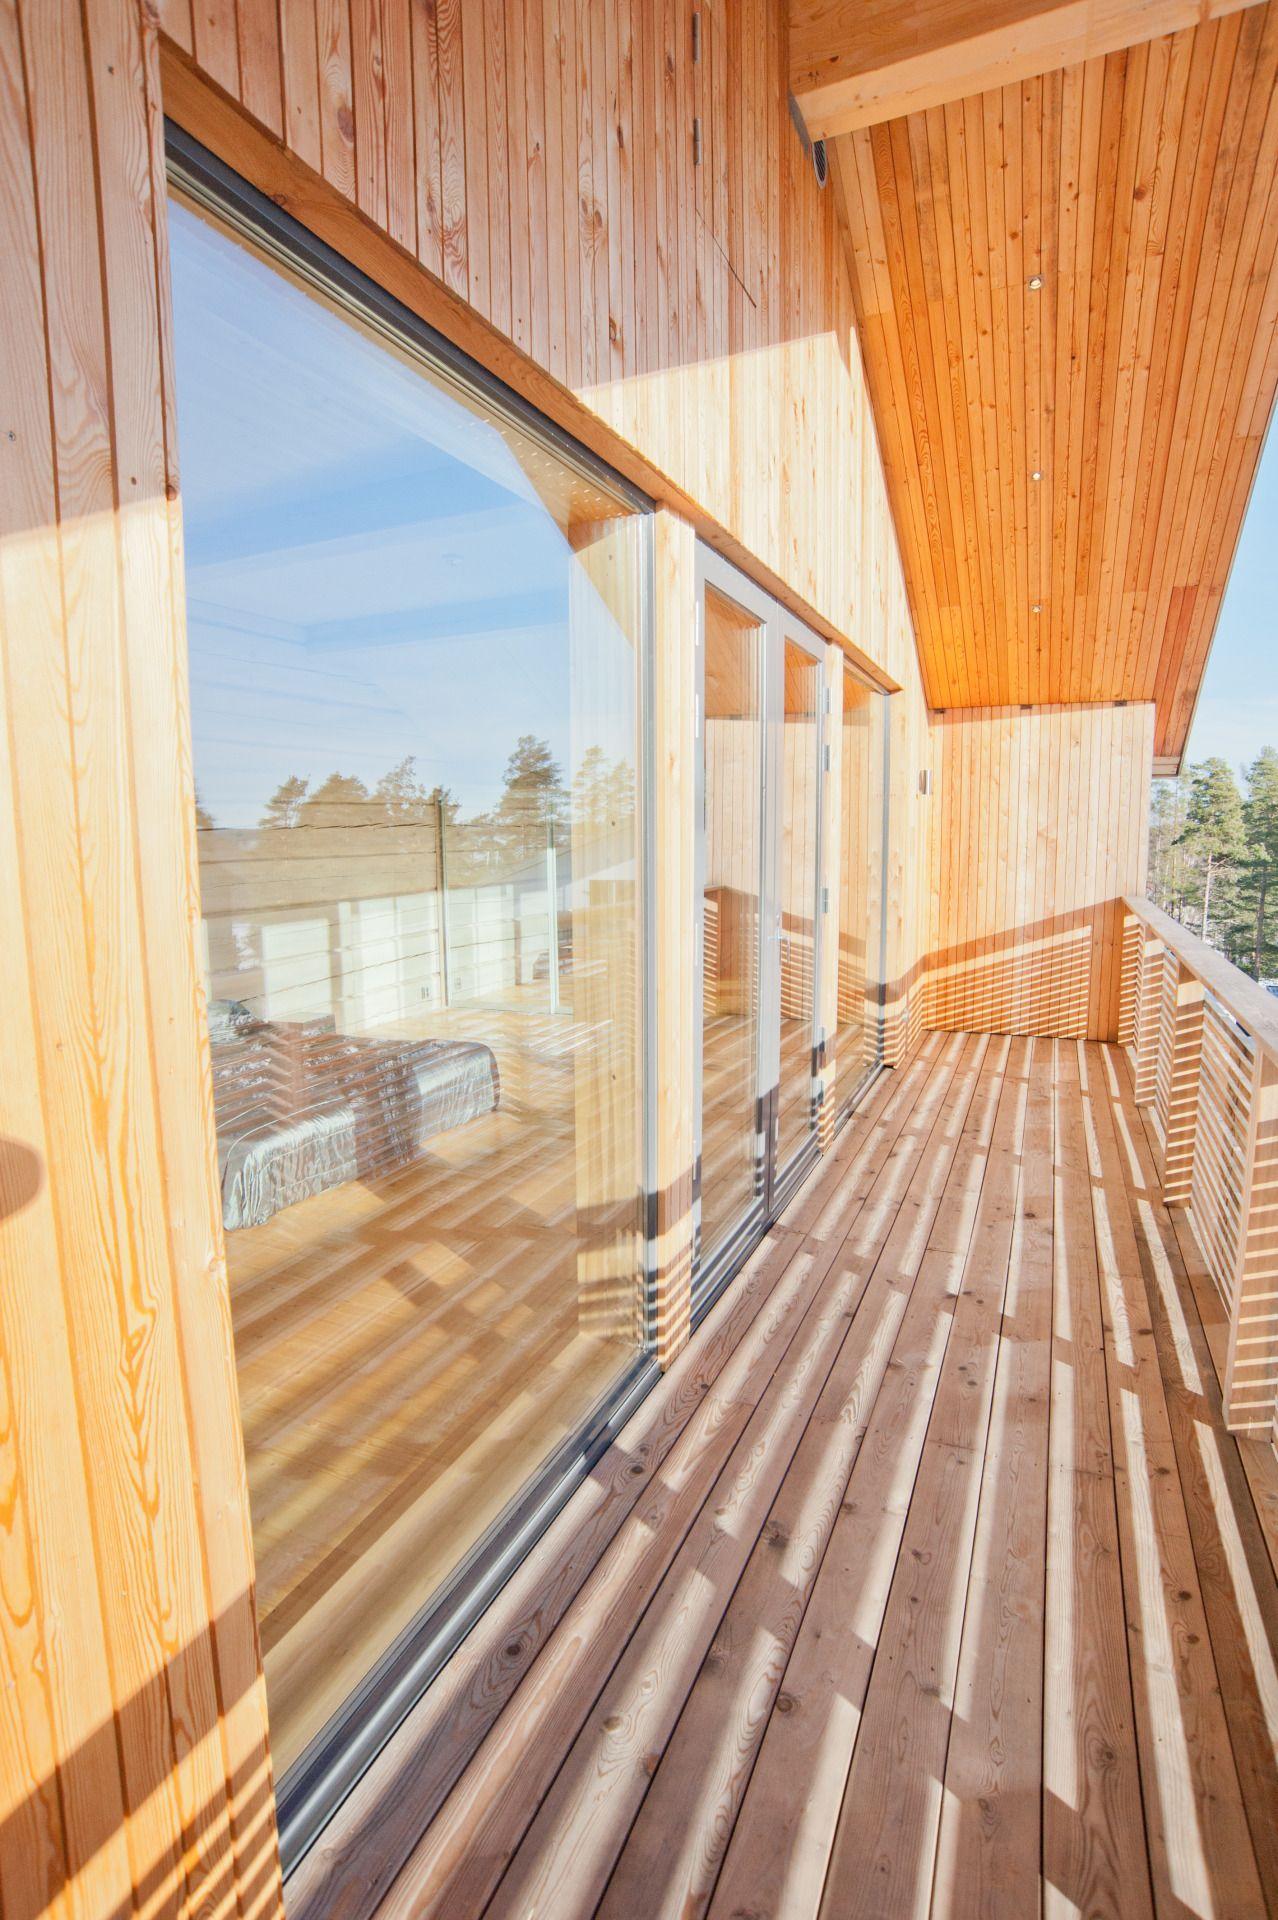 Modern log house, master bedroom balcony.